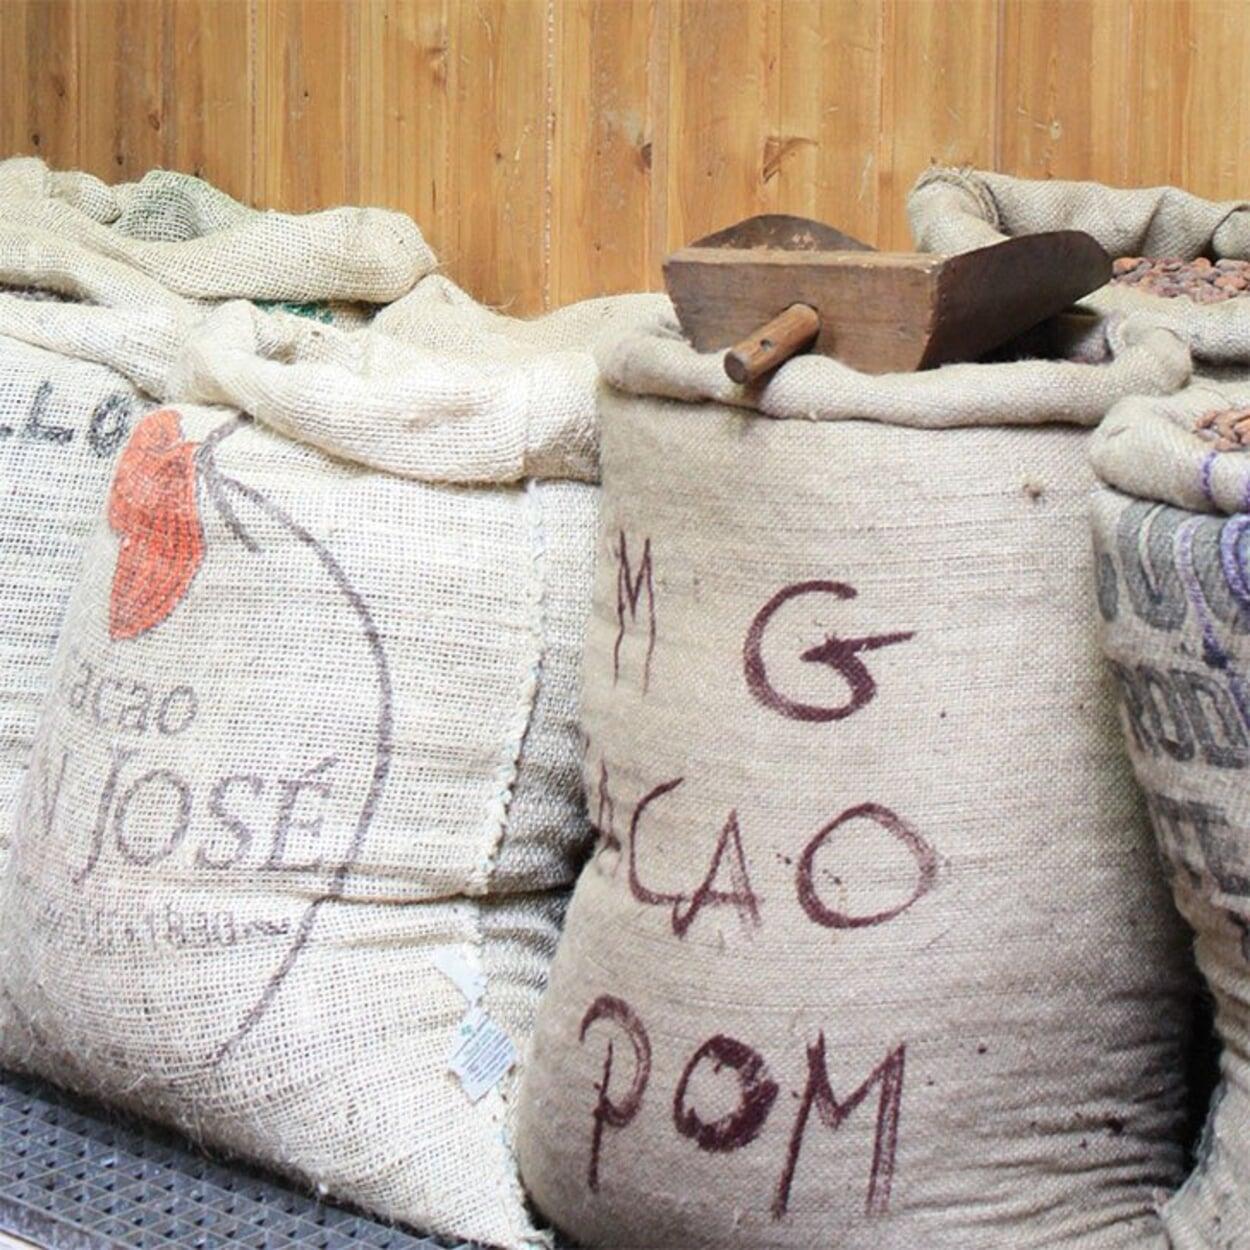 Kakaosorten bei Bonnat in Frankreich